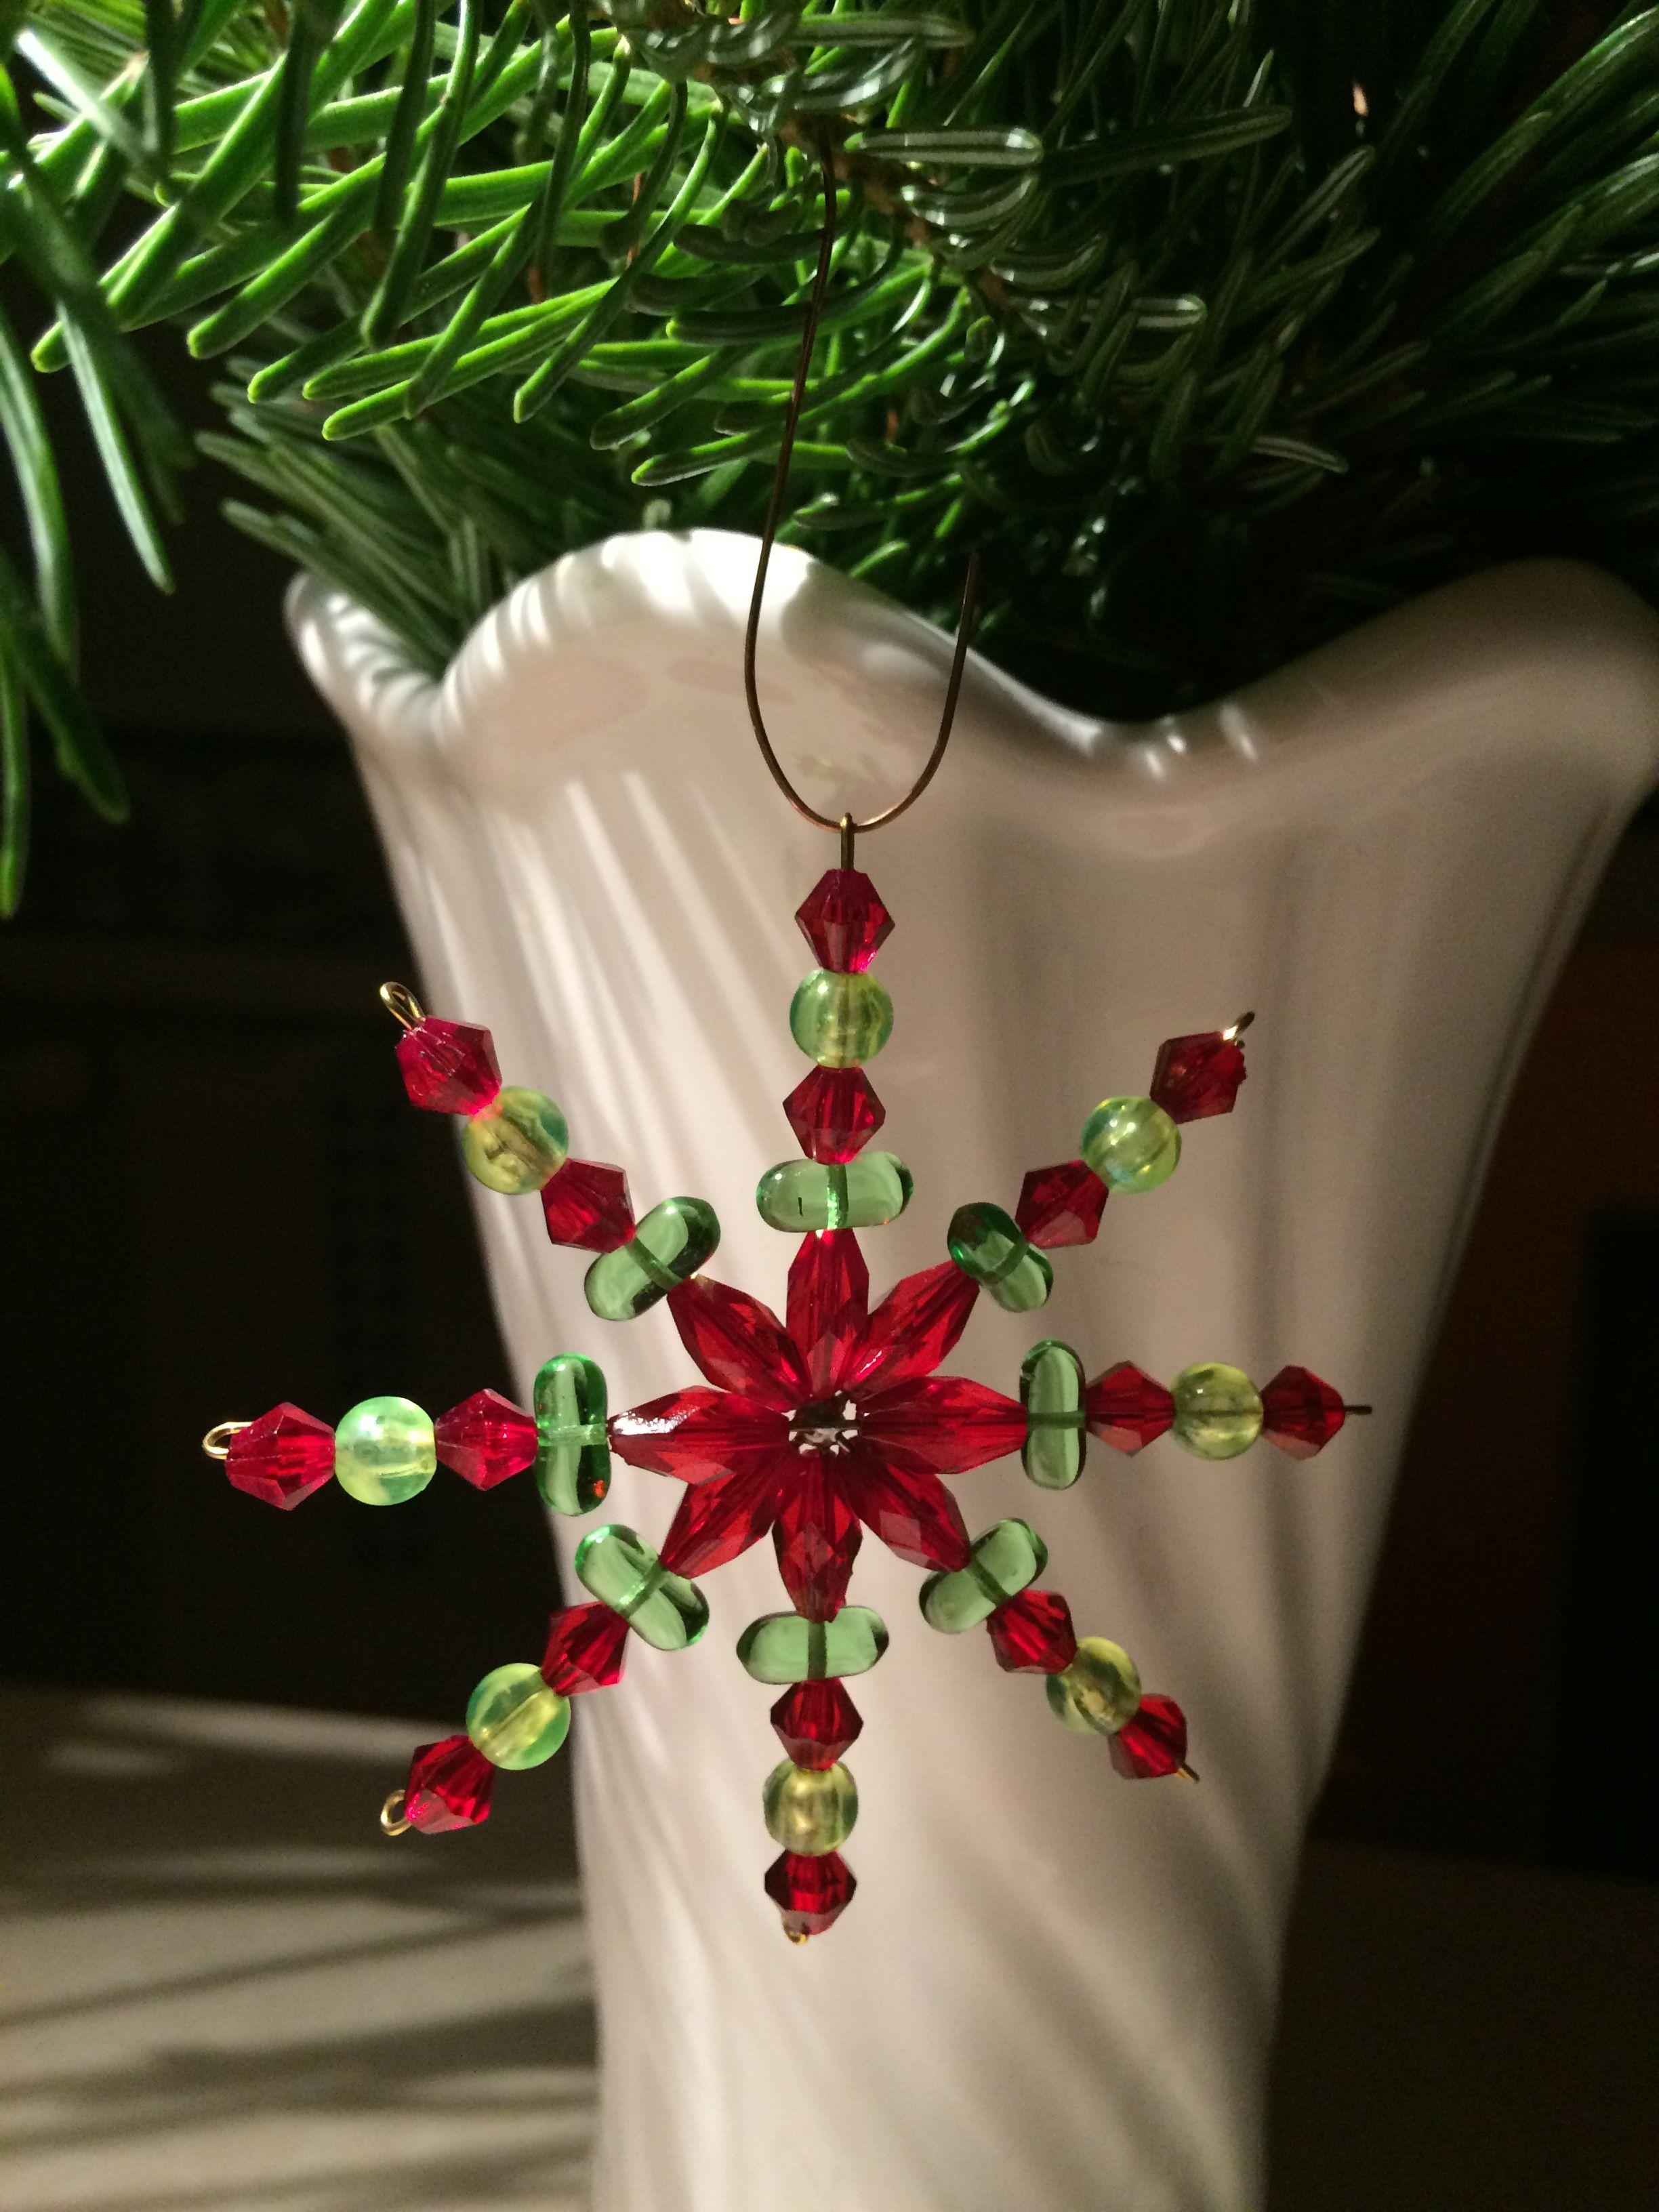 6dcf797ab Soni: vianočná hviezda Vianočná Domácnosť, Výroba Vianočných Predmetov,  Hviezdy, Práca S Korálkami